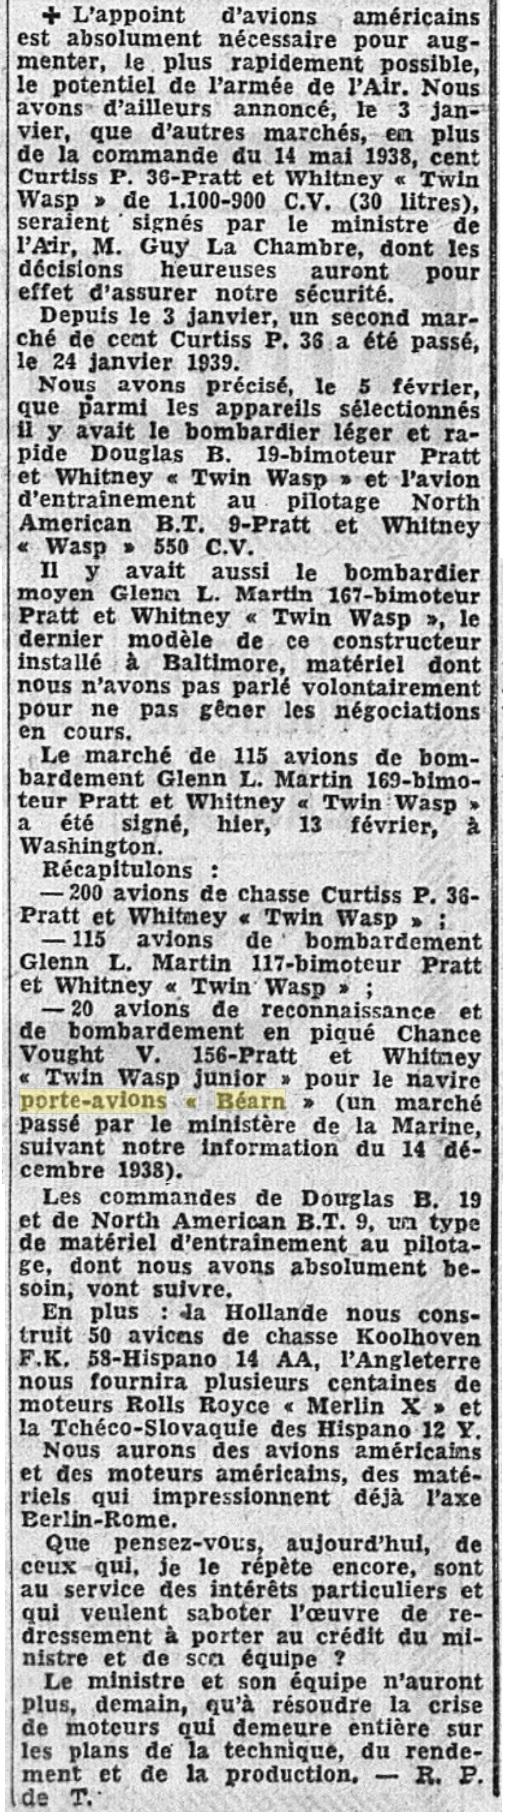 Commandes françaises aux Etats-Unis - Page 4 19390217